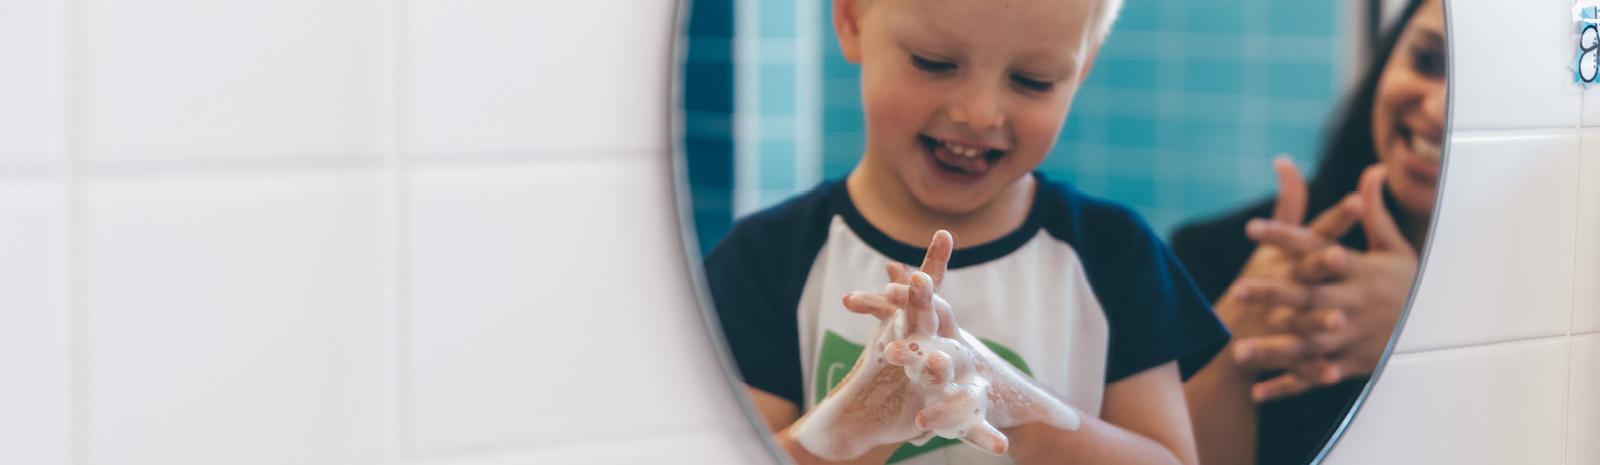 Kinder Haven Leading Childcare